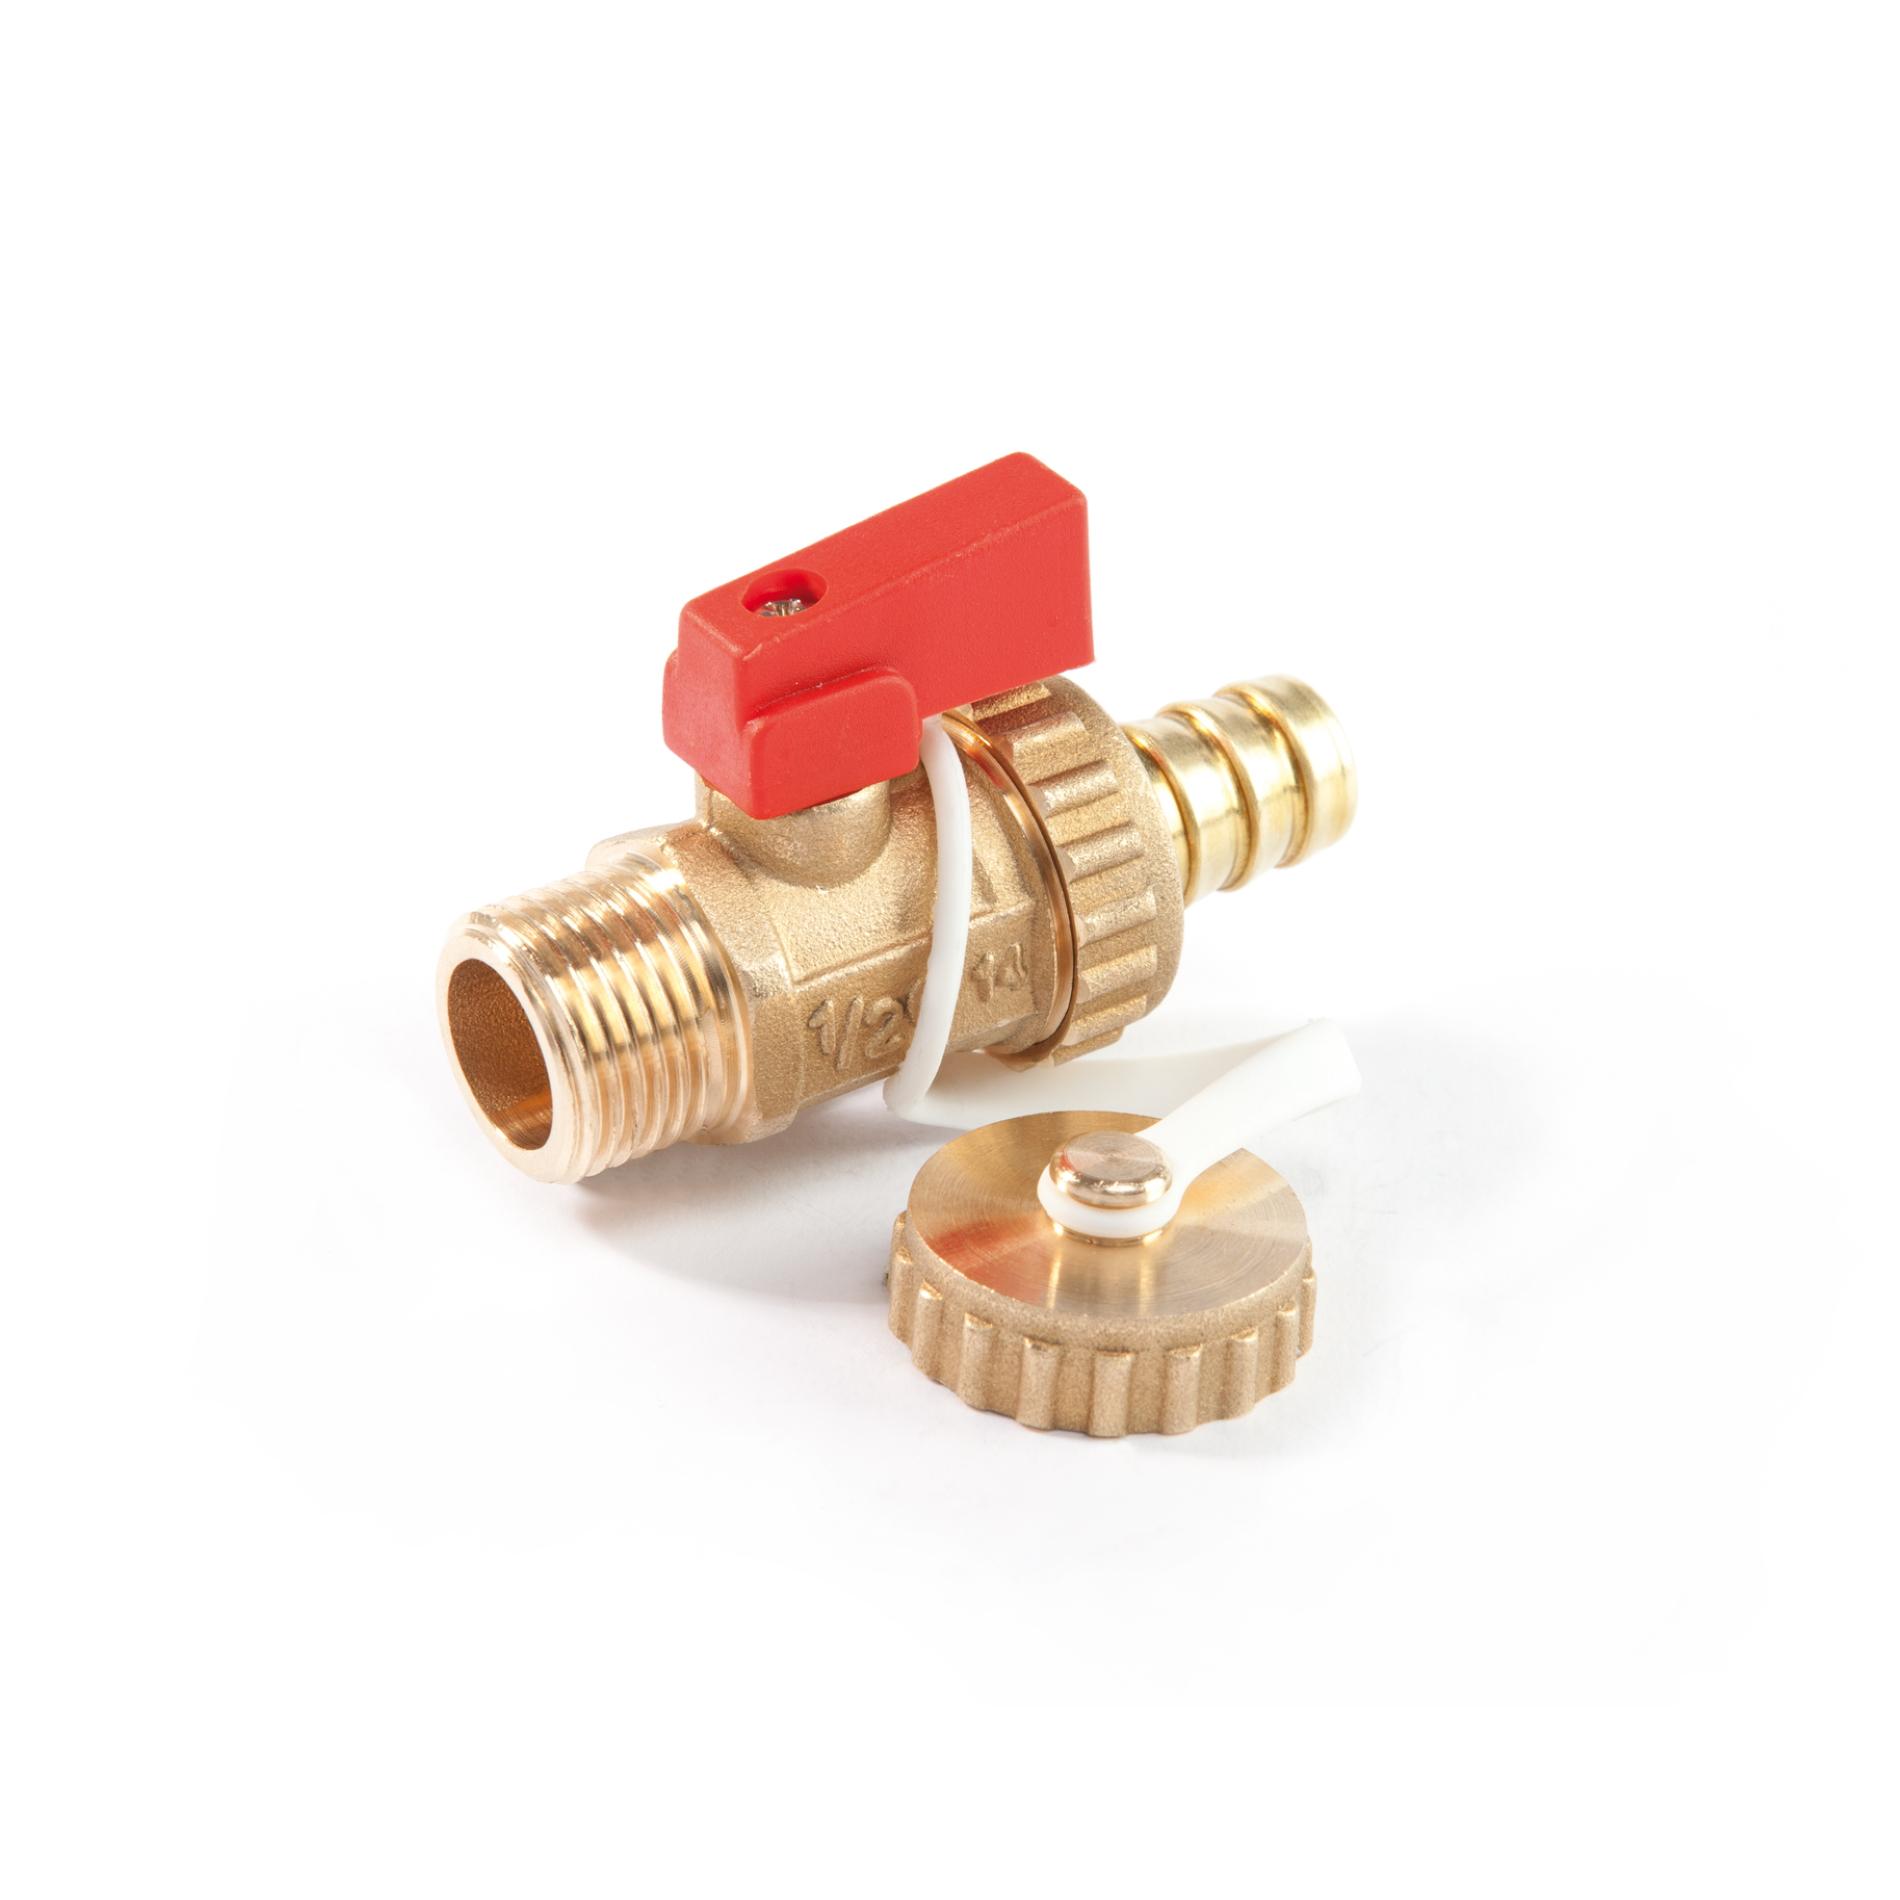 519S Rubinetto a sfera scarico caldaia portagomma e tappo sabbiato giallo Boiler drain ball valve brass mat finishing